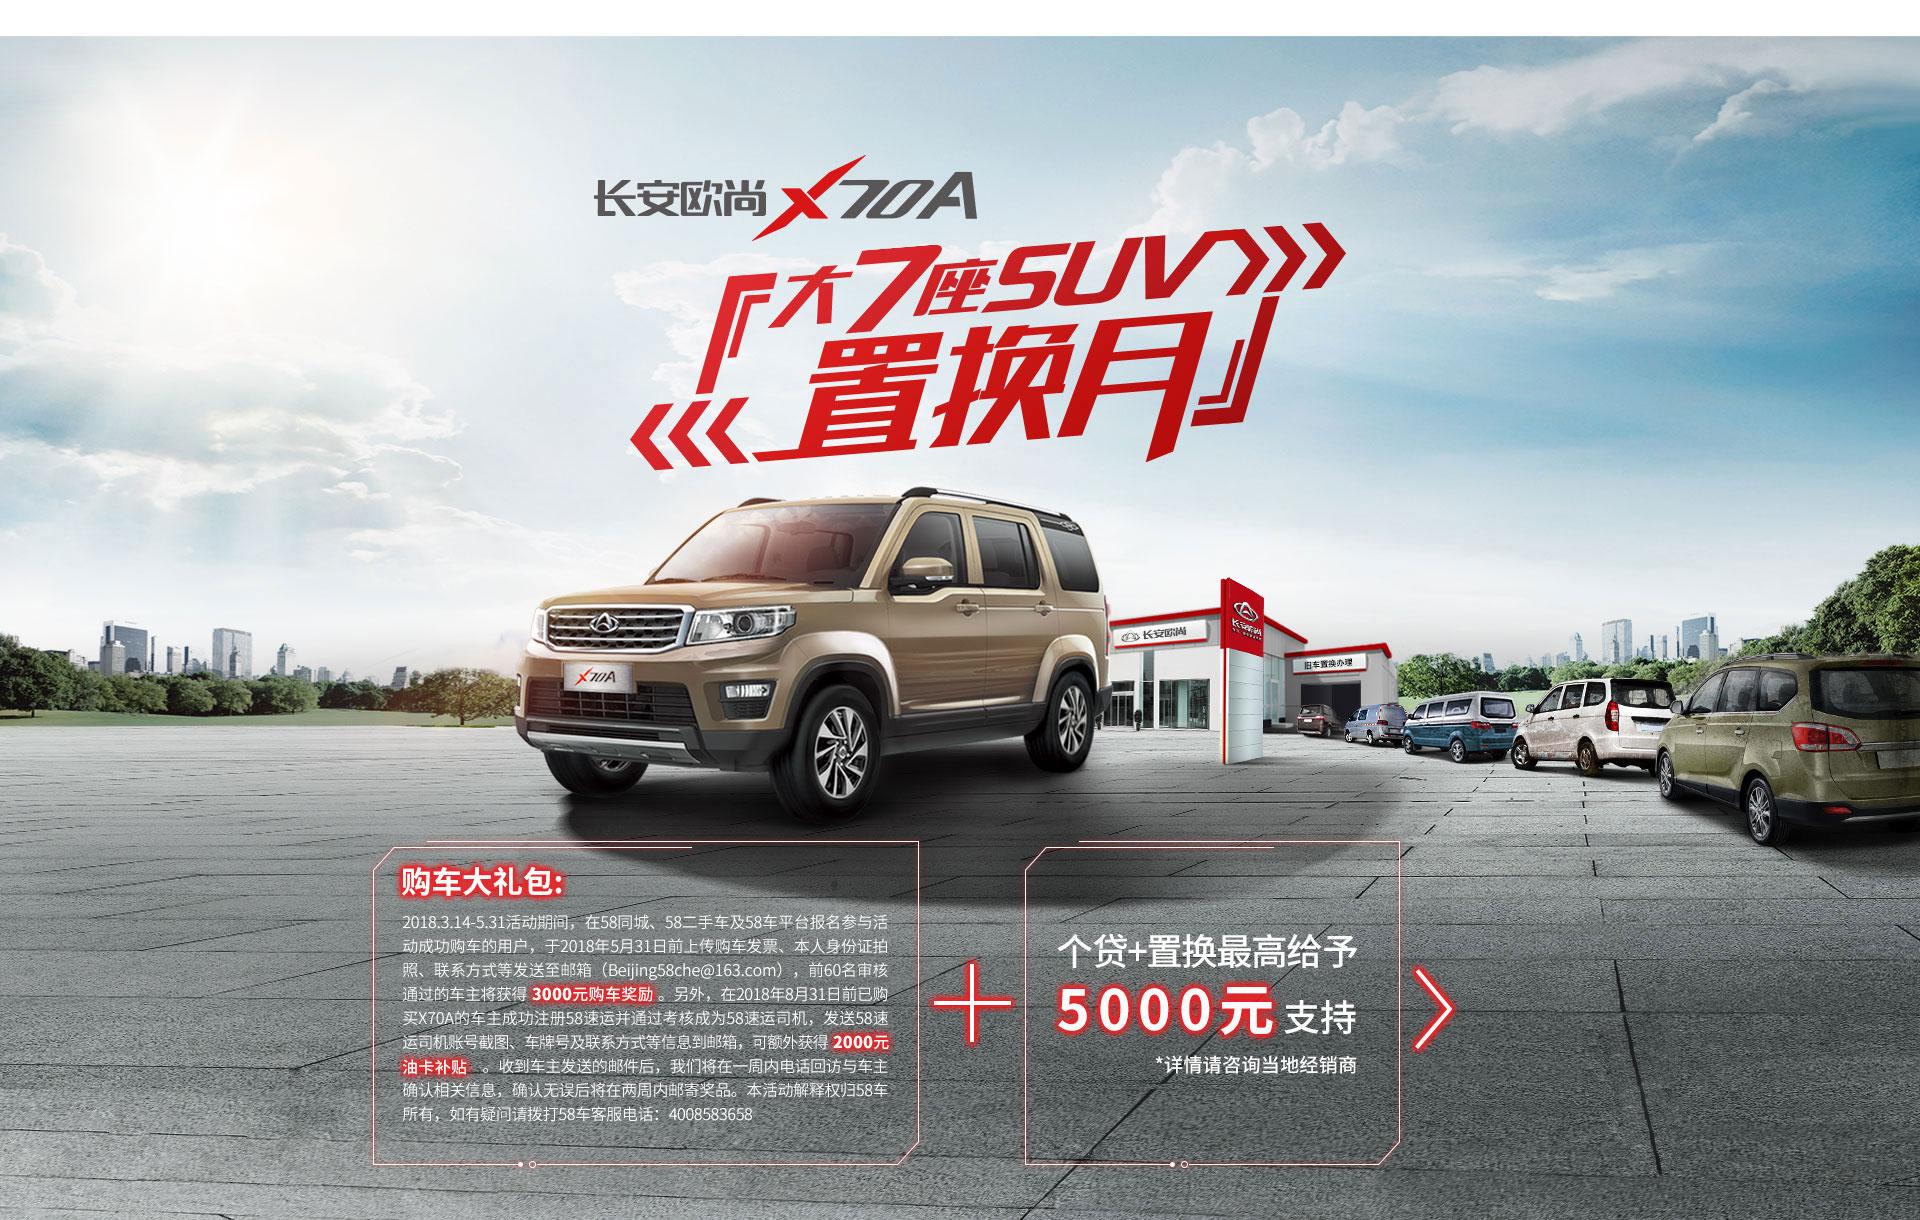 长安欧尚X70A预售开启